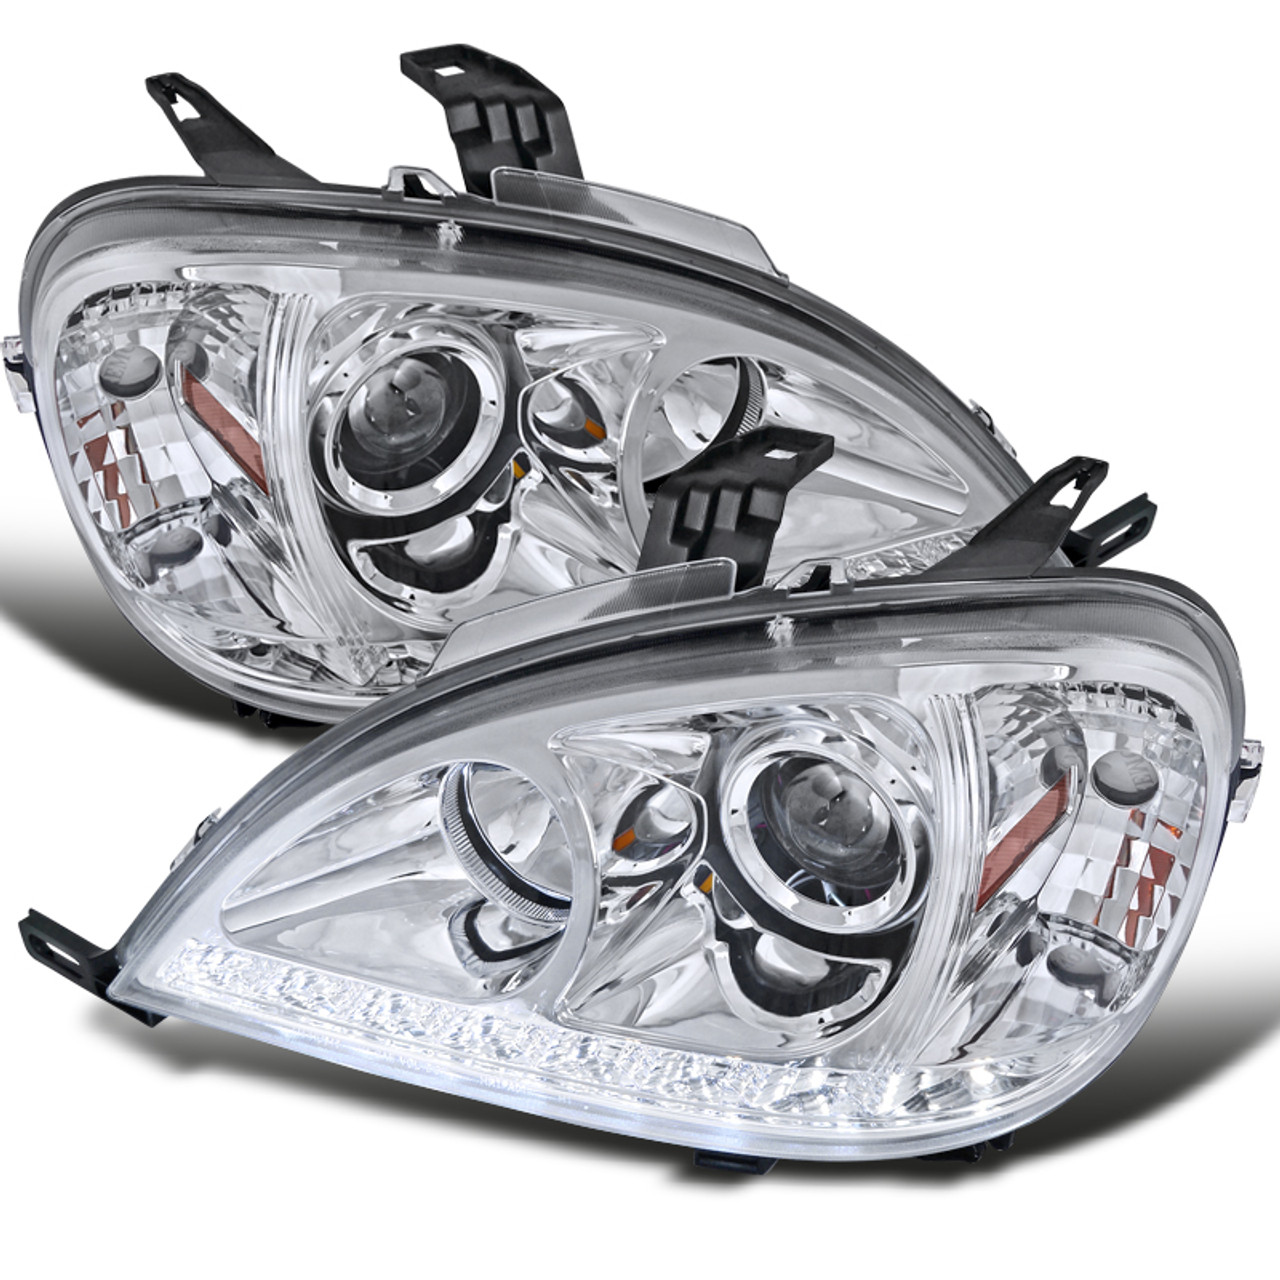 Mercedes Benz ML-Class W163 2005 Chrome Headlight Frames